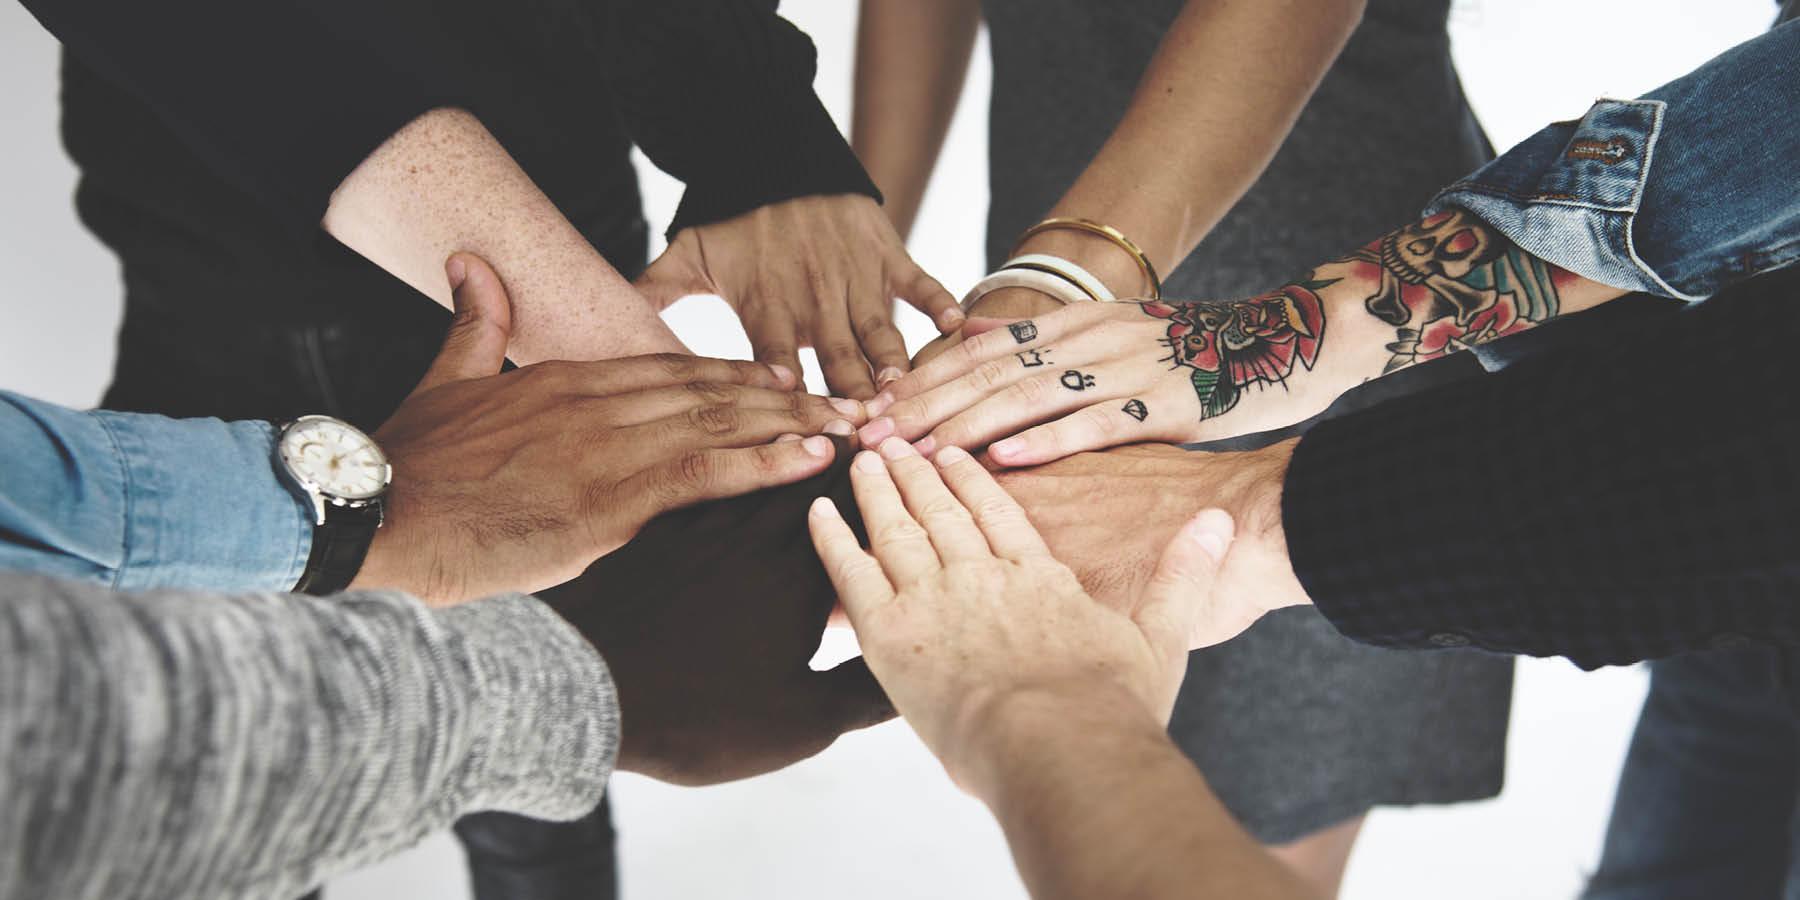 Hands Meeting in Center